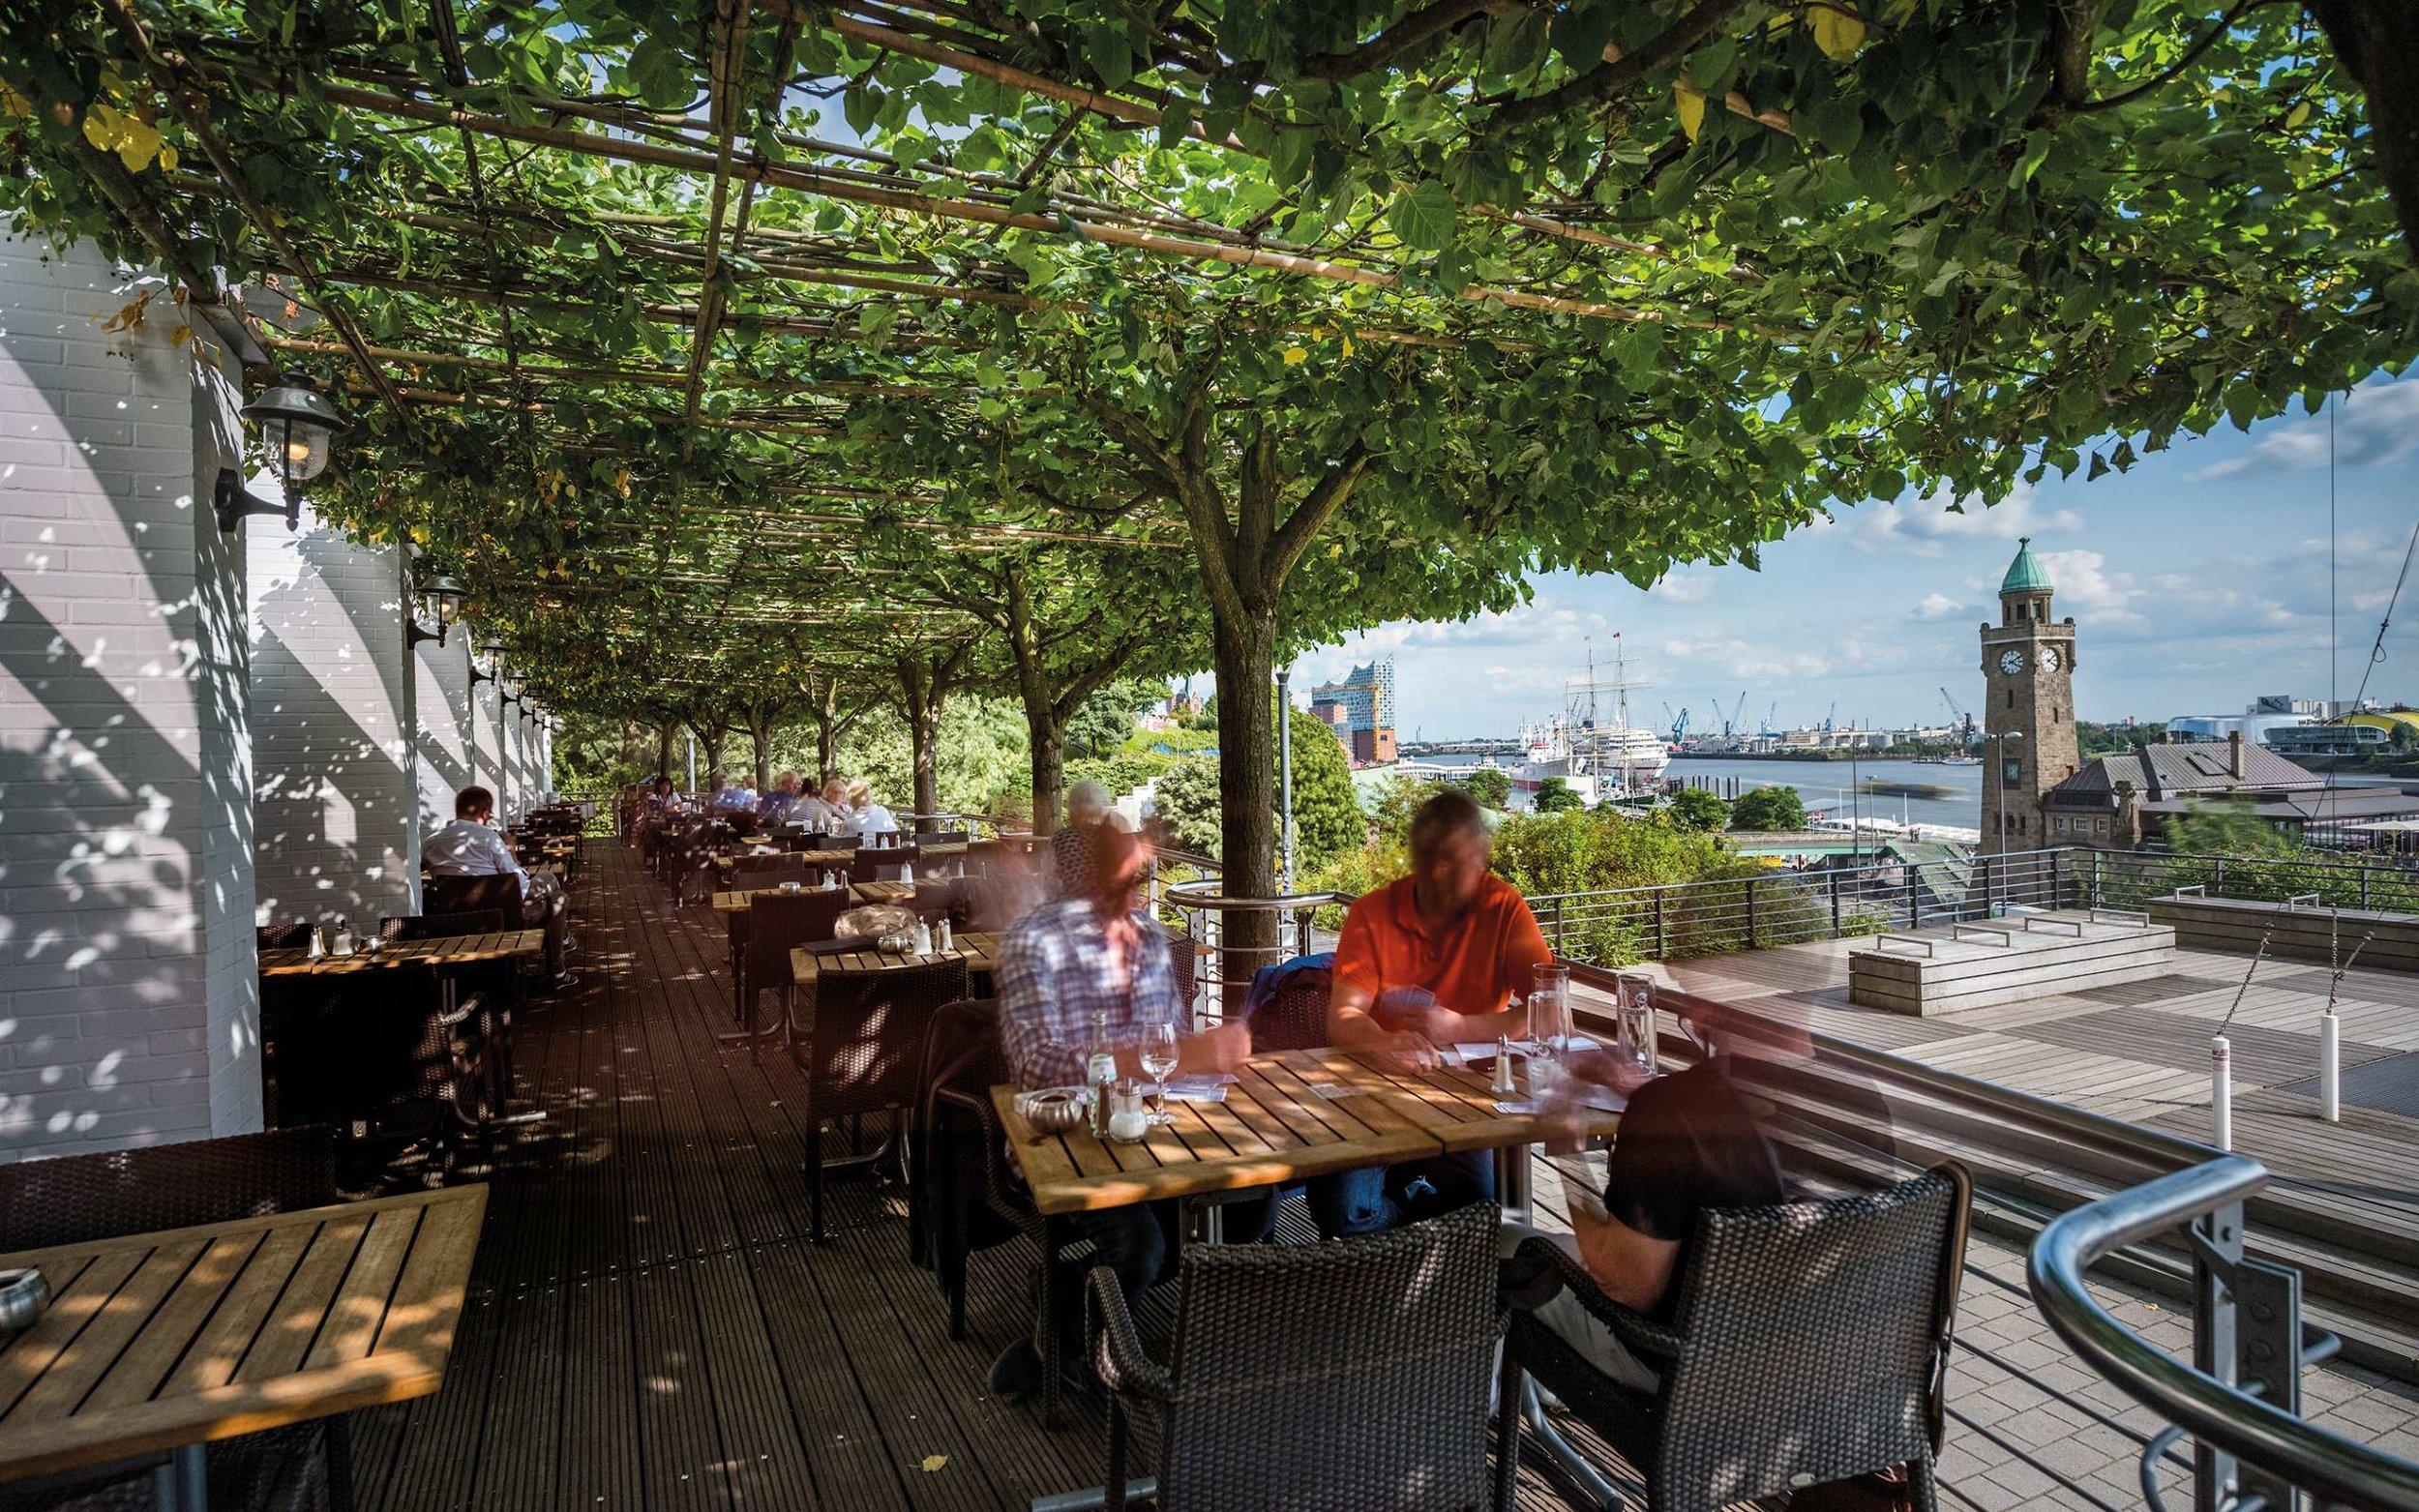 restaurant_port_terrasse_hotel_hafen_hamburg.2560x1600.jpg